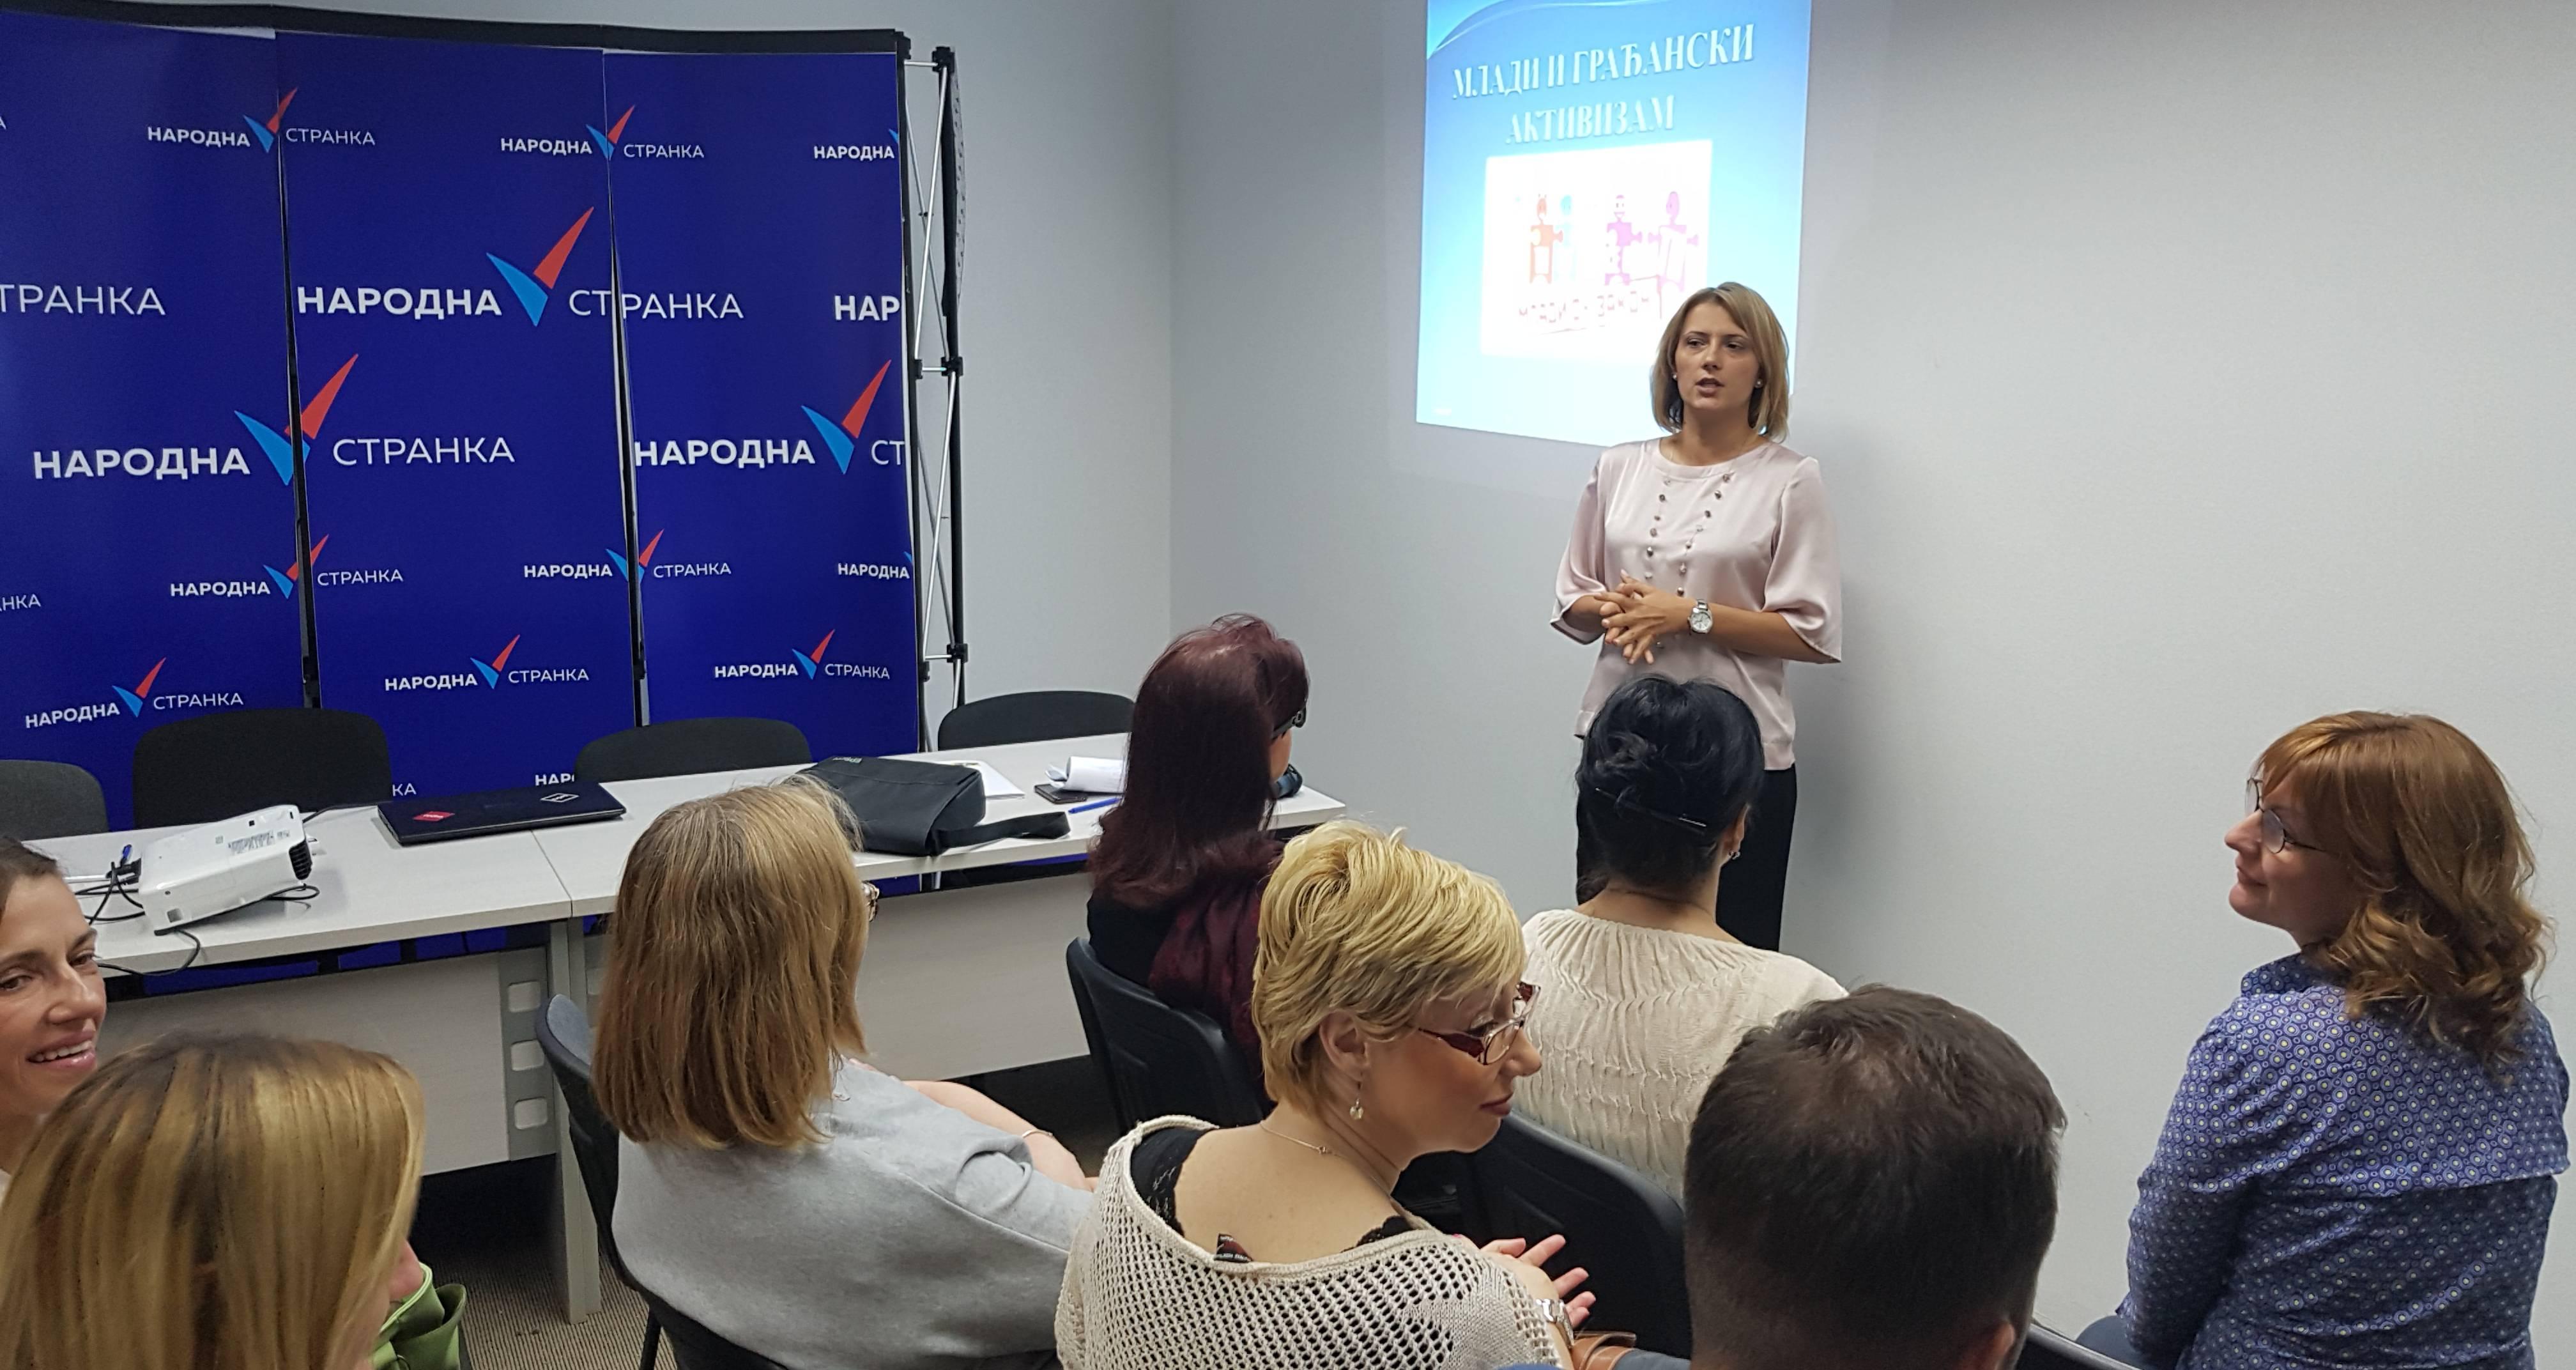 Марина Липовац Танасковић: Народна странка посвећена раду са младима и побољшању њиховог положаја